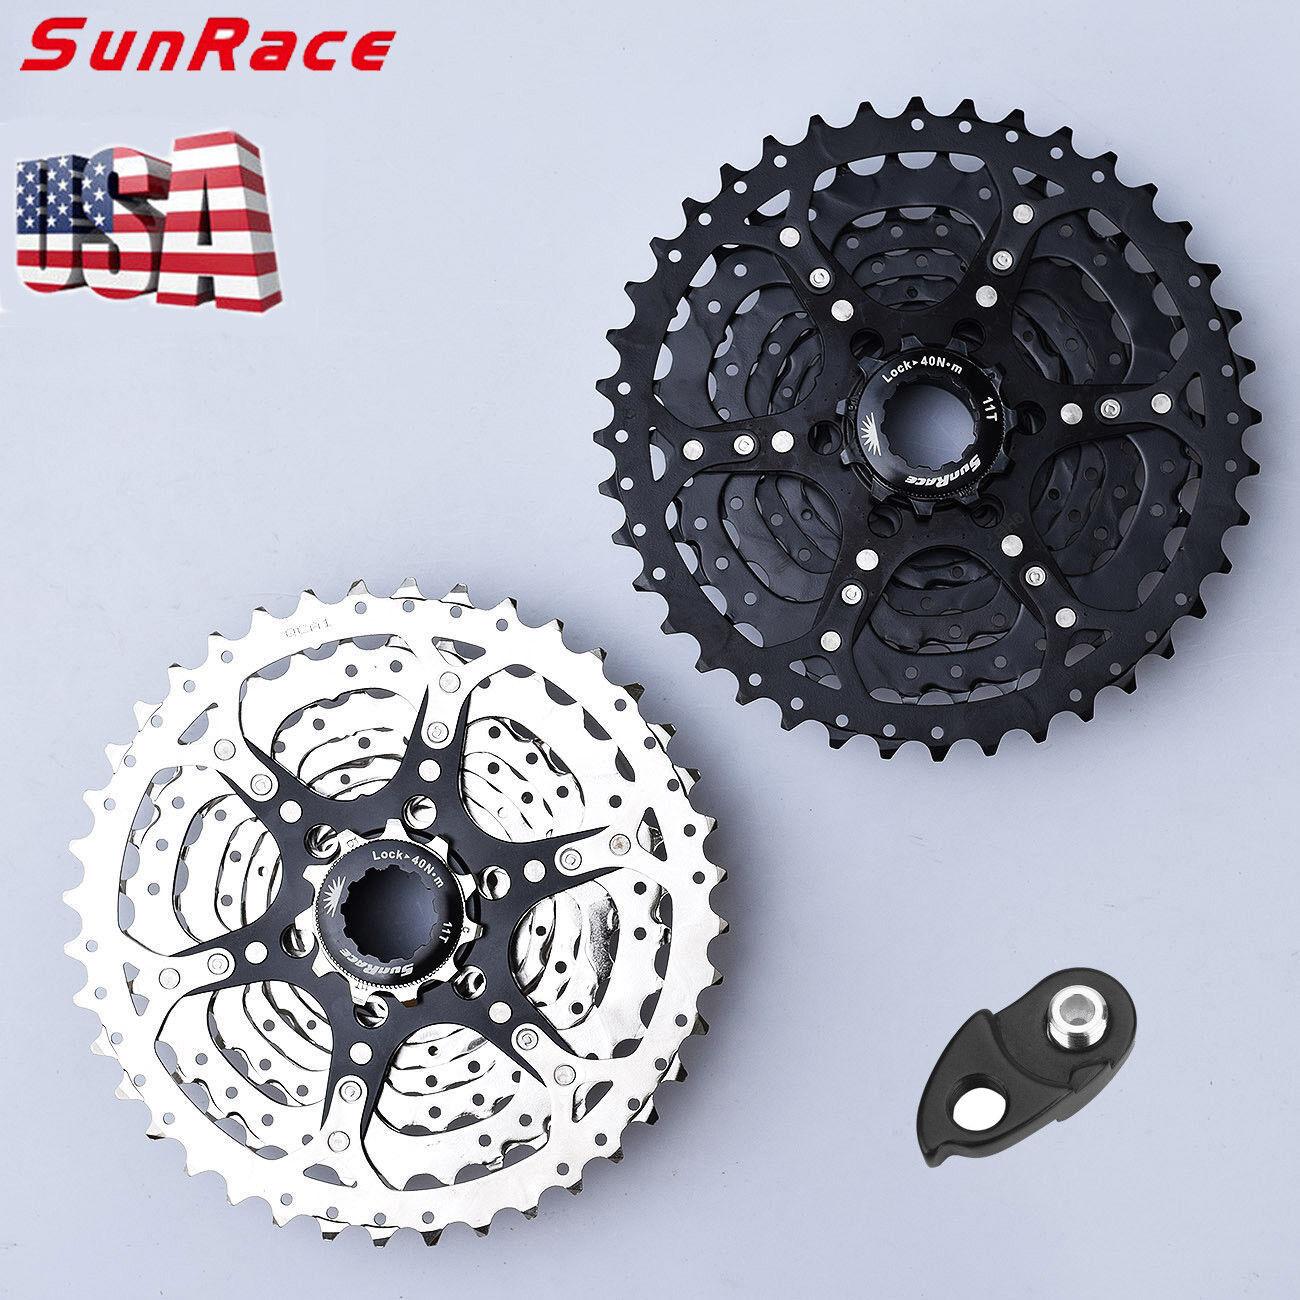 SunRace 9 Speed 1140T Cassette & Adapter Alloy MTB Bike Shimano SRAM Freewheel